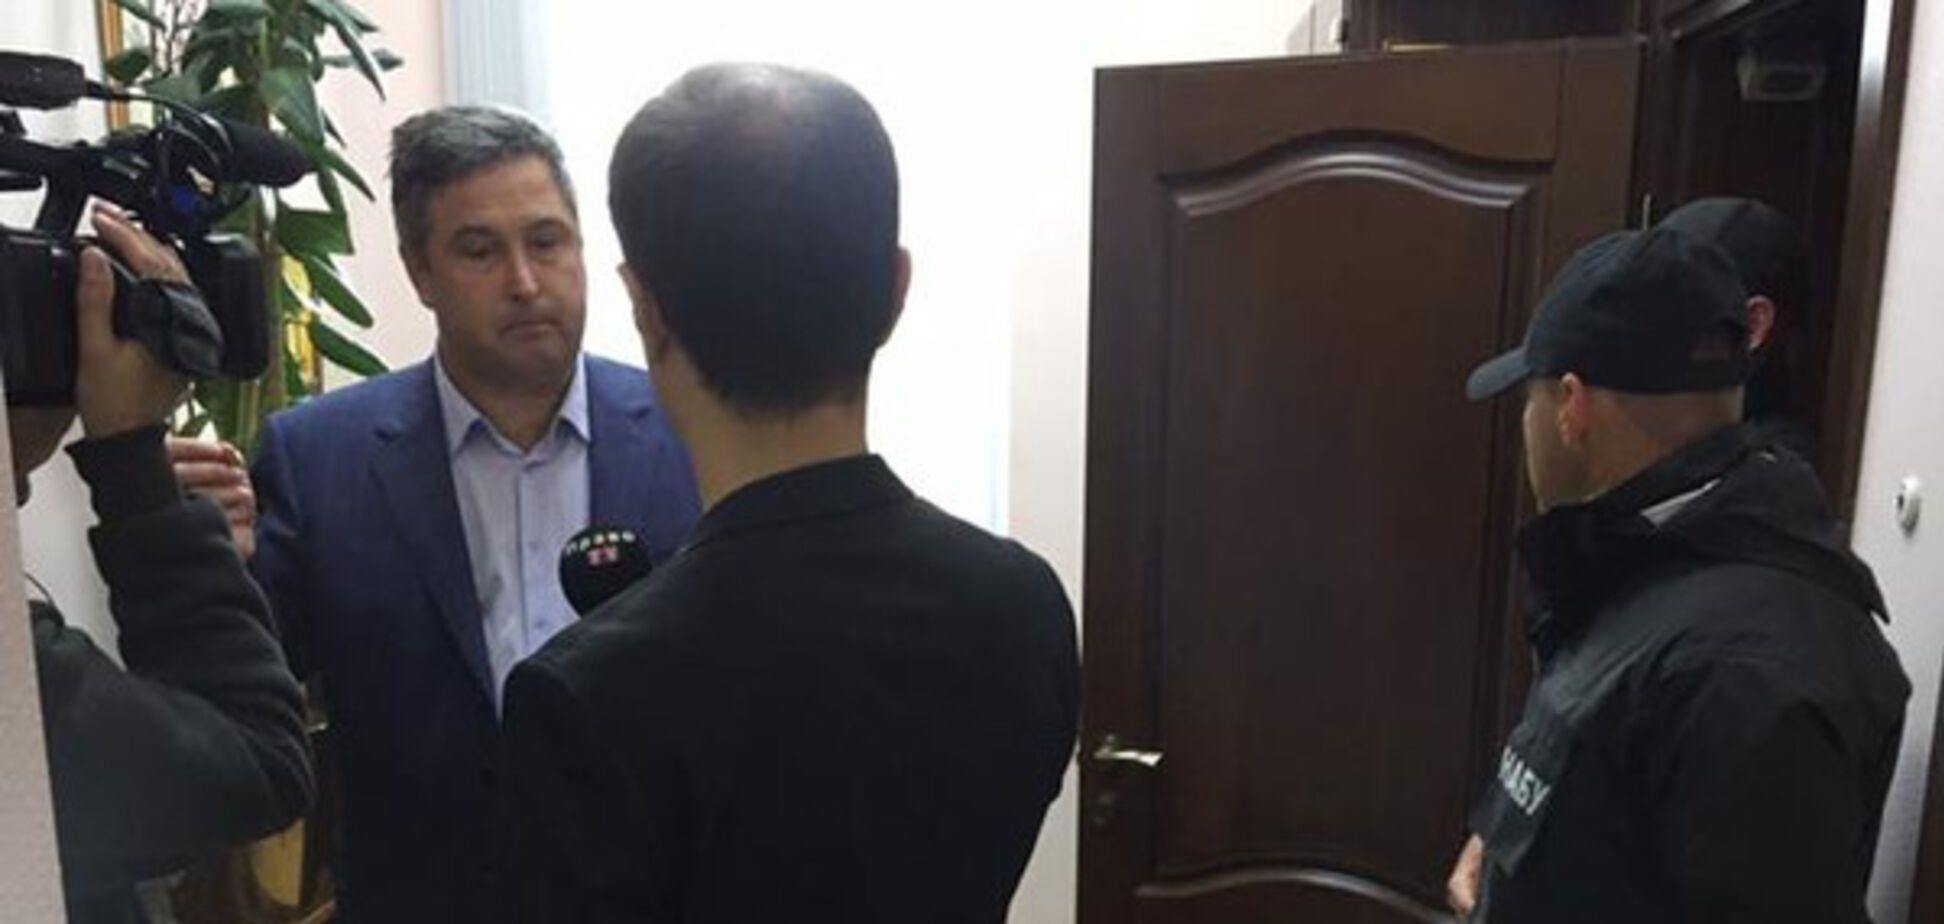 Детективы НАБУ нагрянули с обыском в киевский суд: появились фото и видео